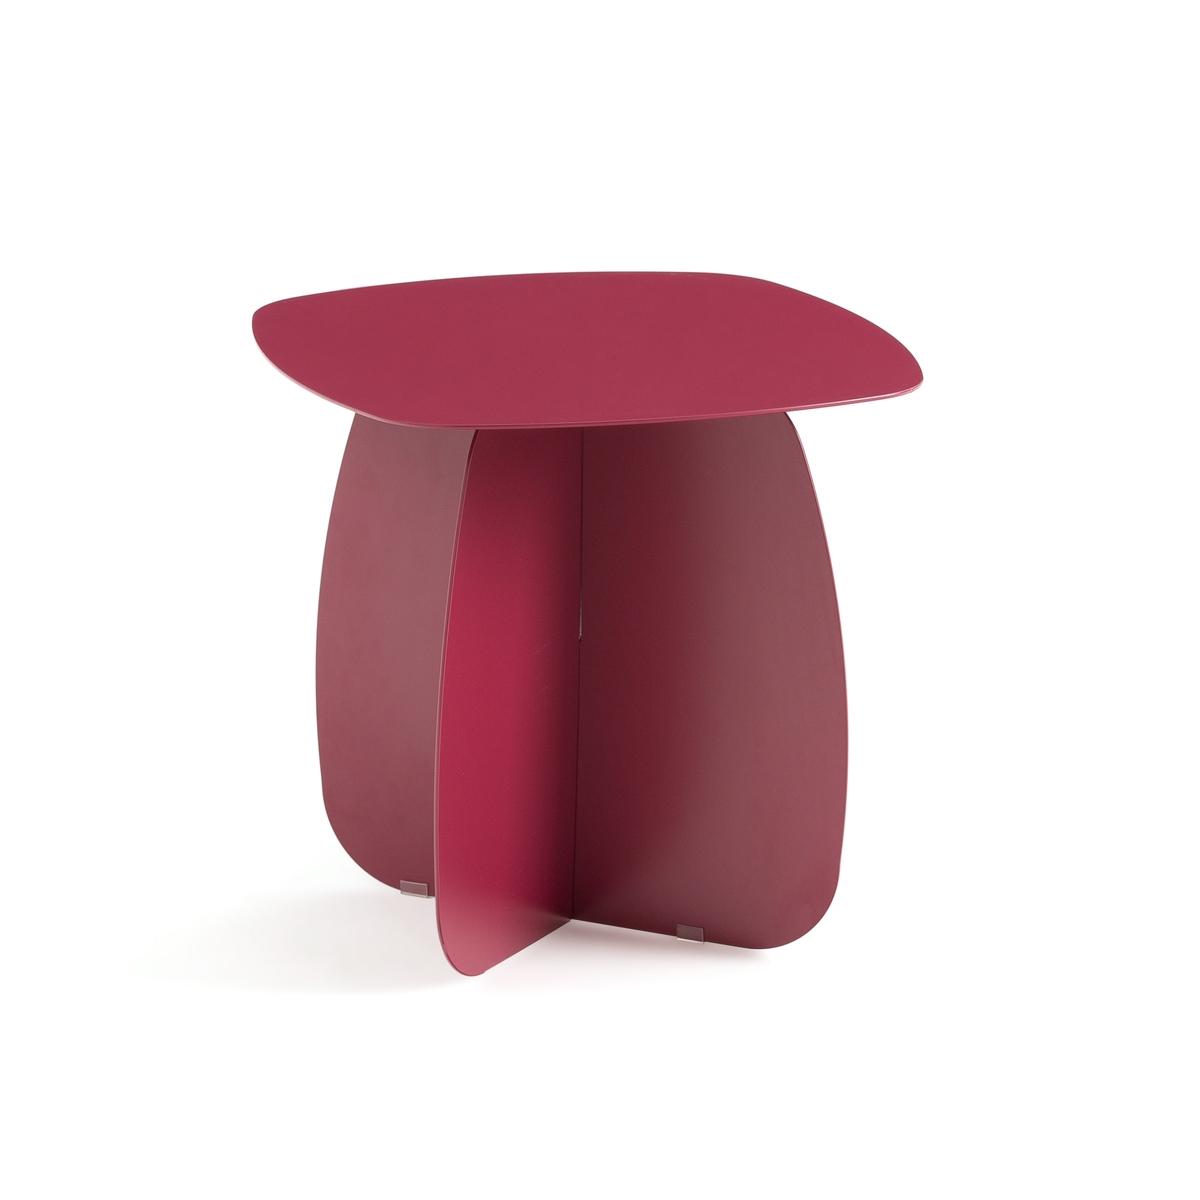 Стол La Redoute Диванный из металла Orian единый размер красный столик диванный из бамбука quesada